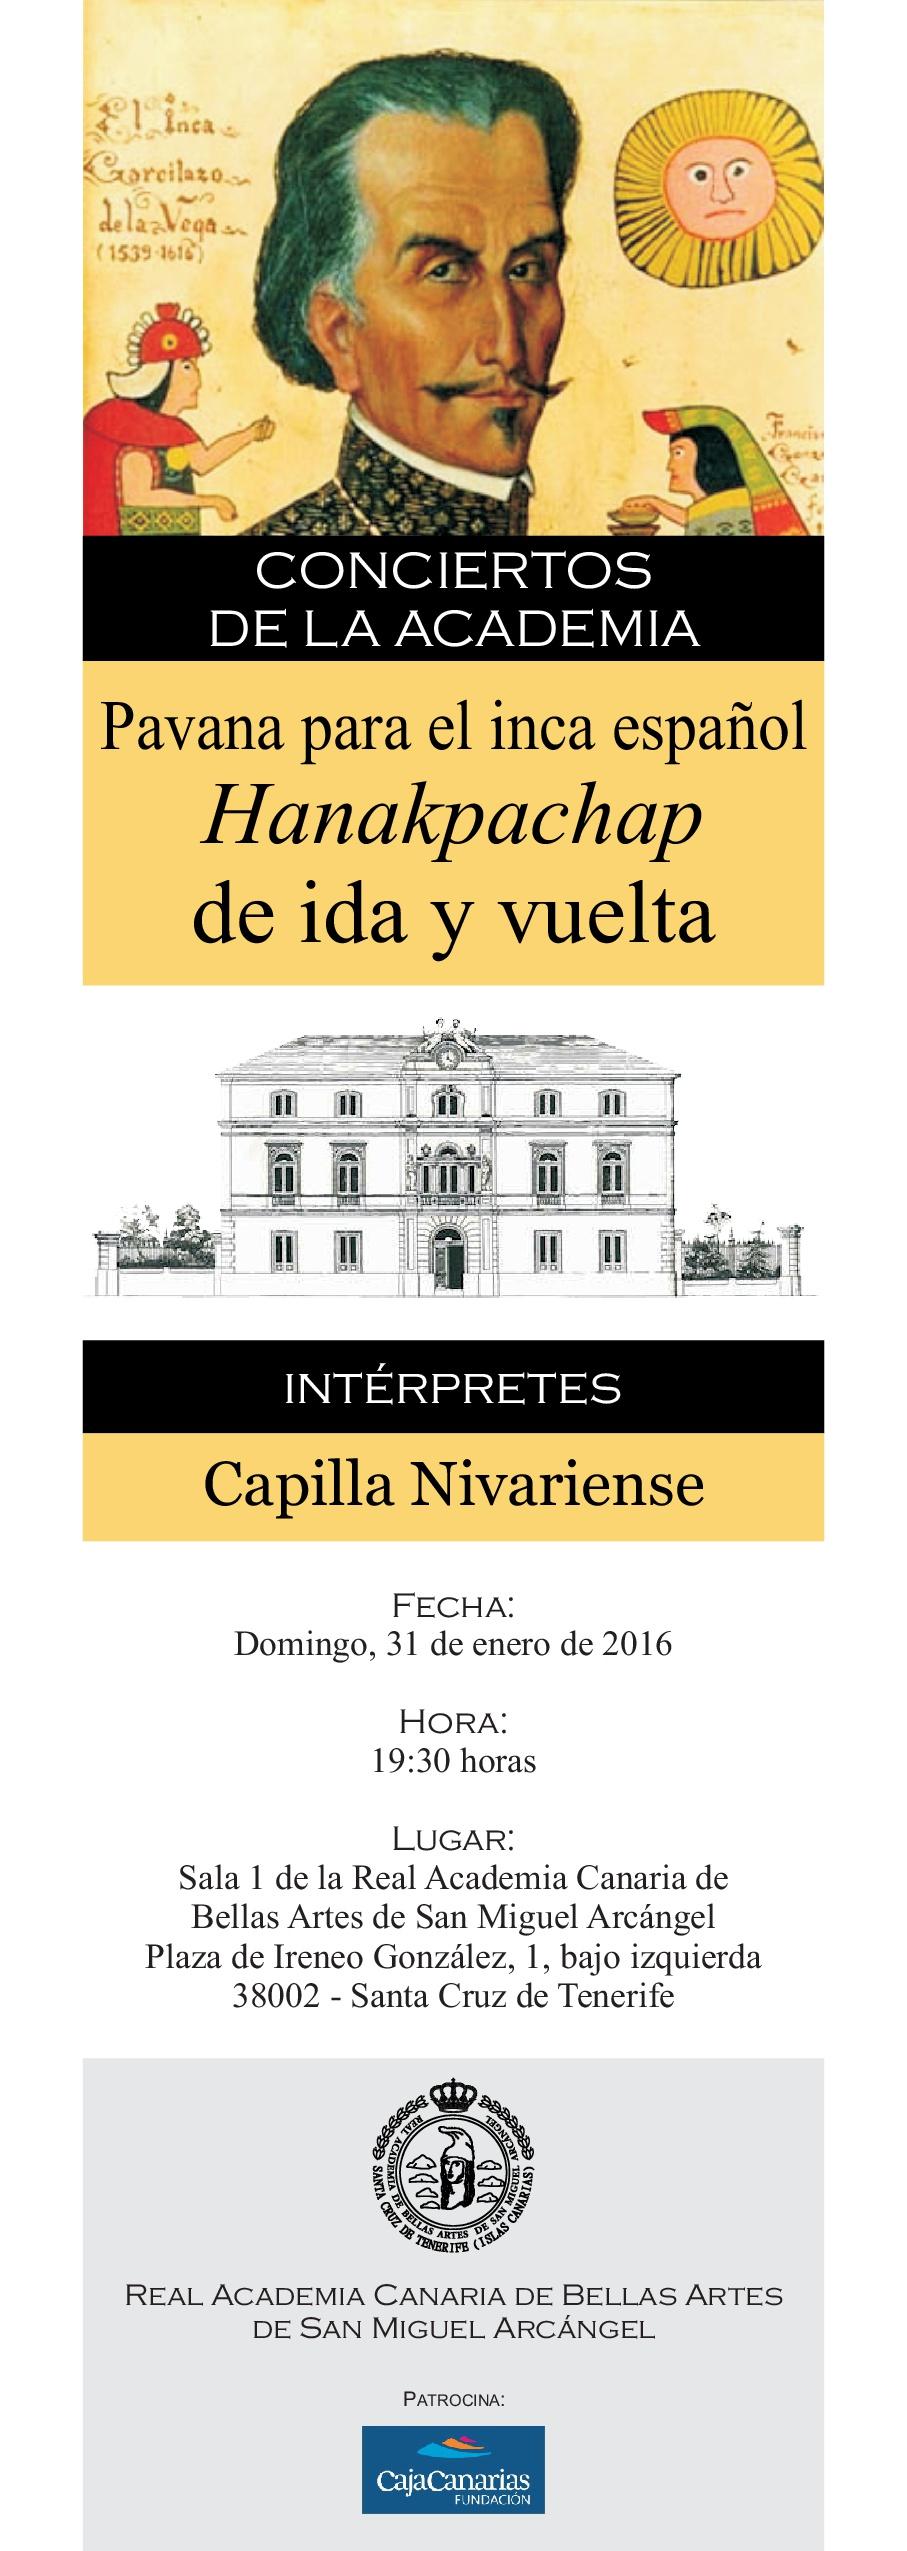 CARTEL_INCA_GARCILASO_DE_LA_VEGA-001